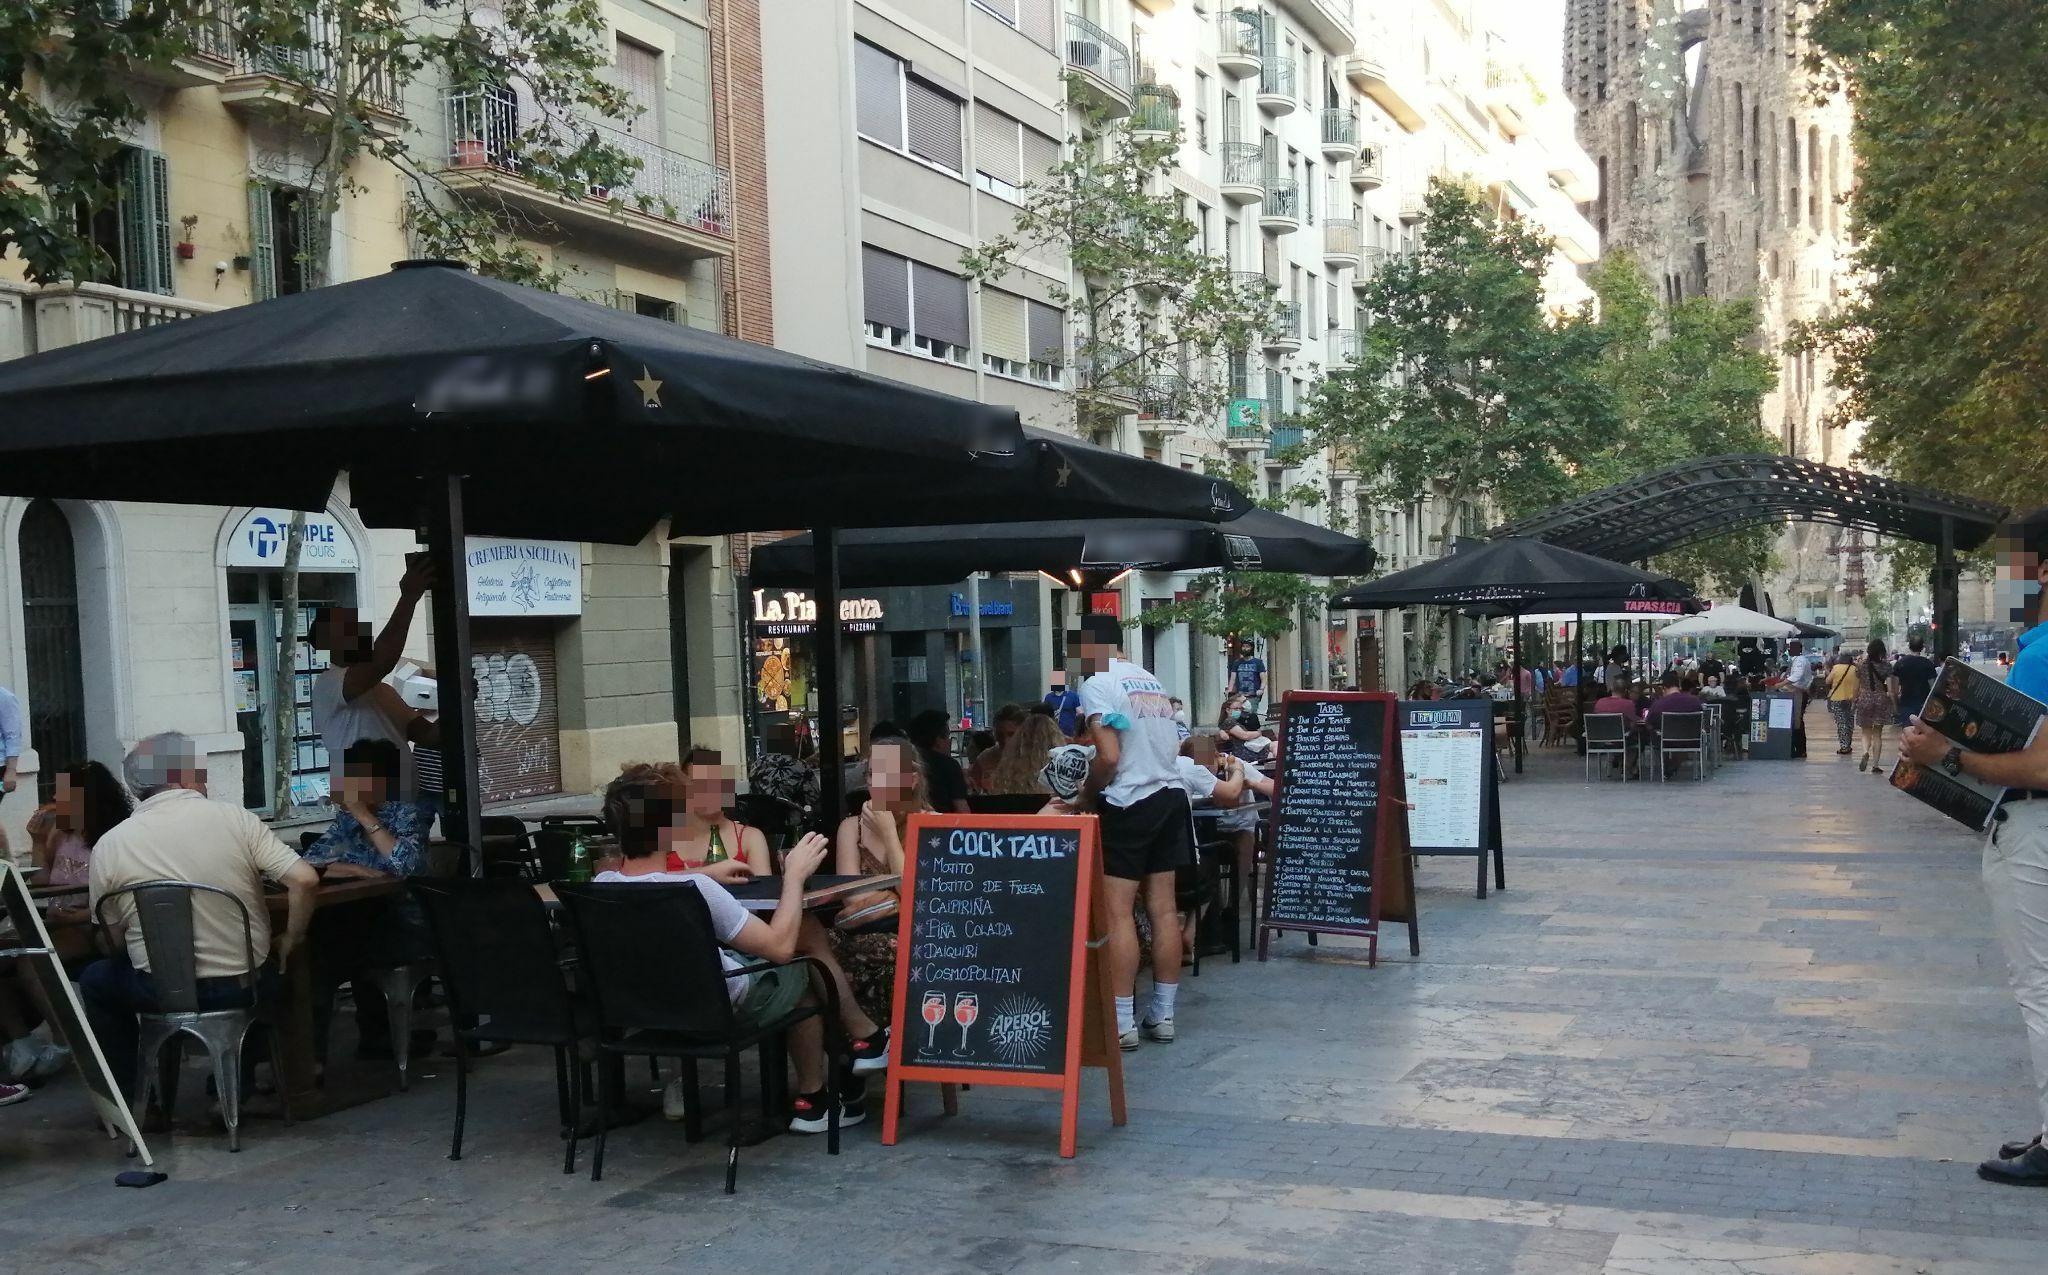 Avda de Gaudí, 19 - taules i més taules, al mig i a la vorera!!!